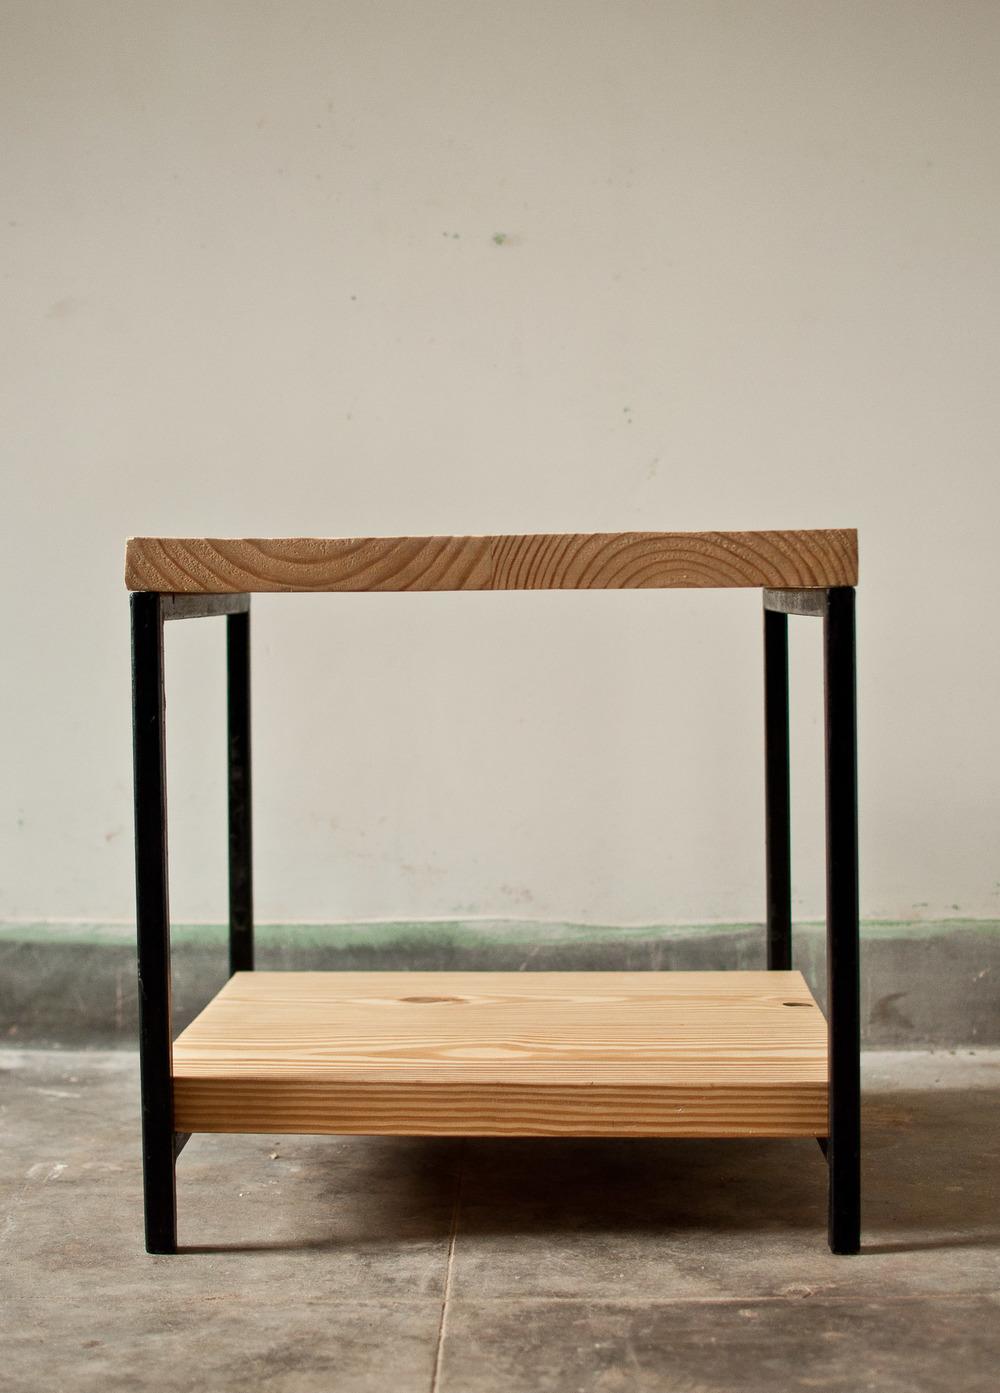 Pinewood - Standard size